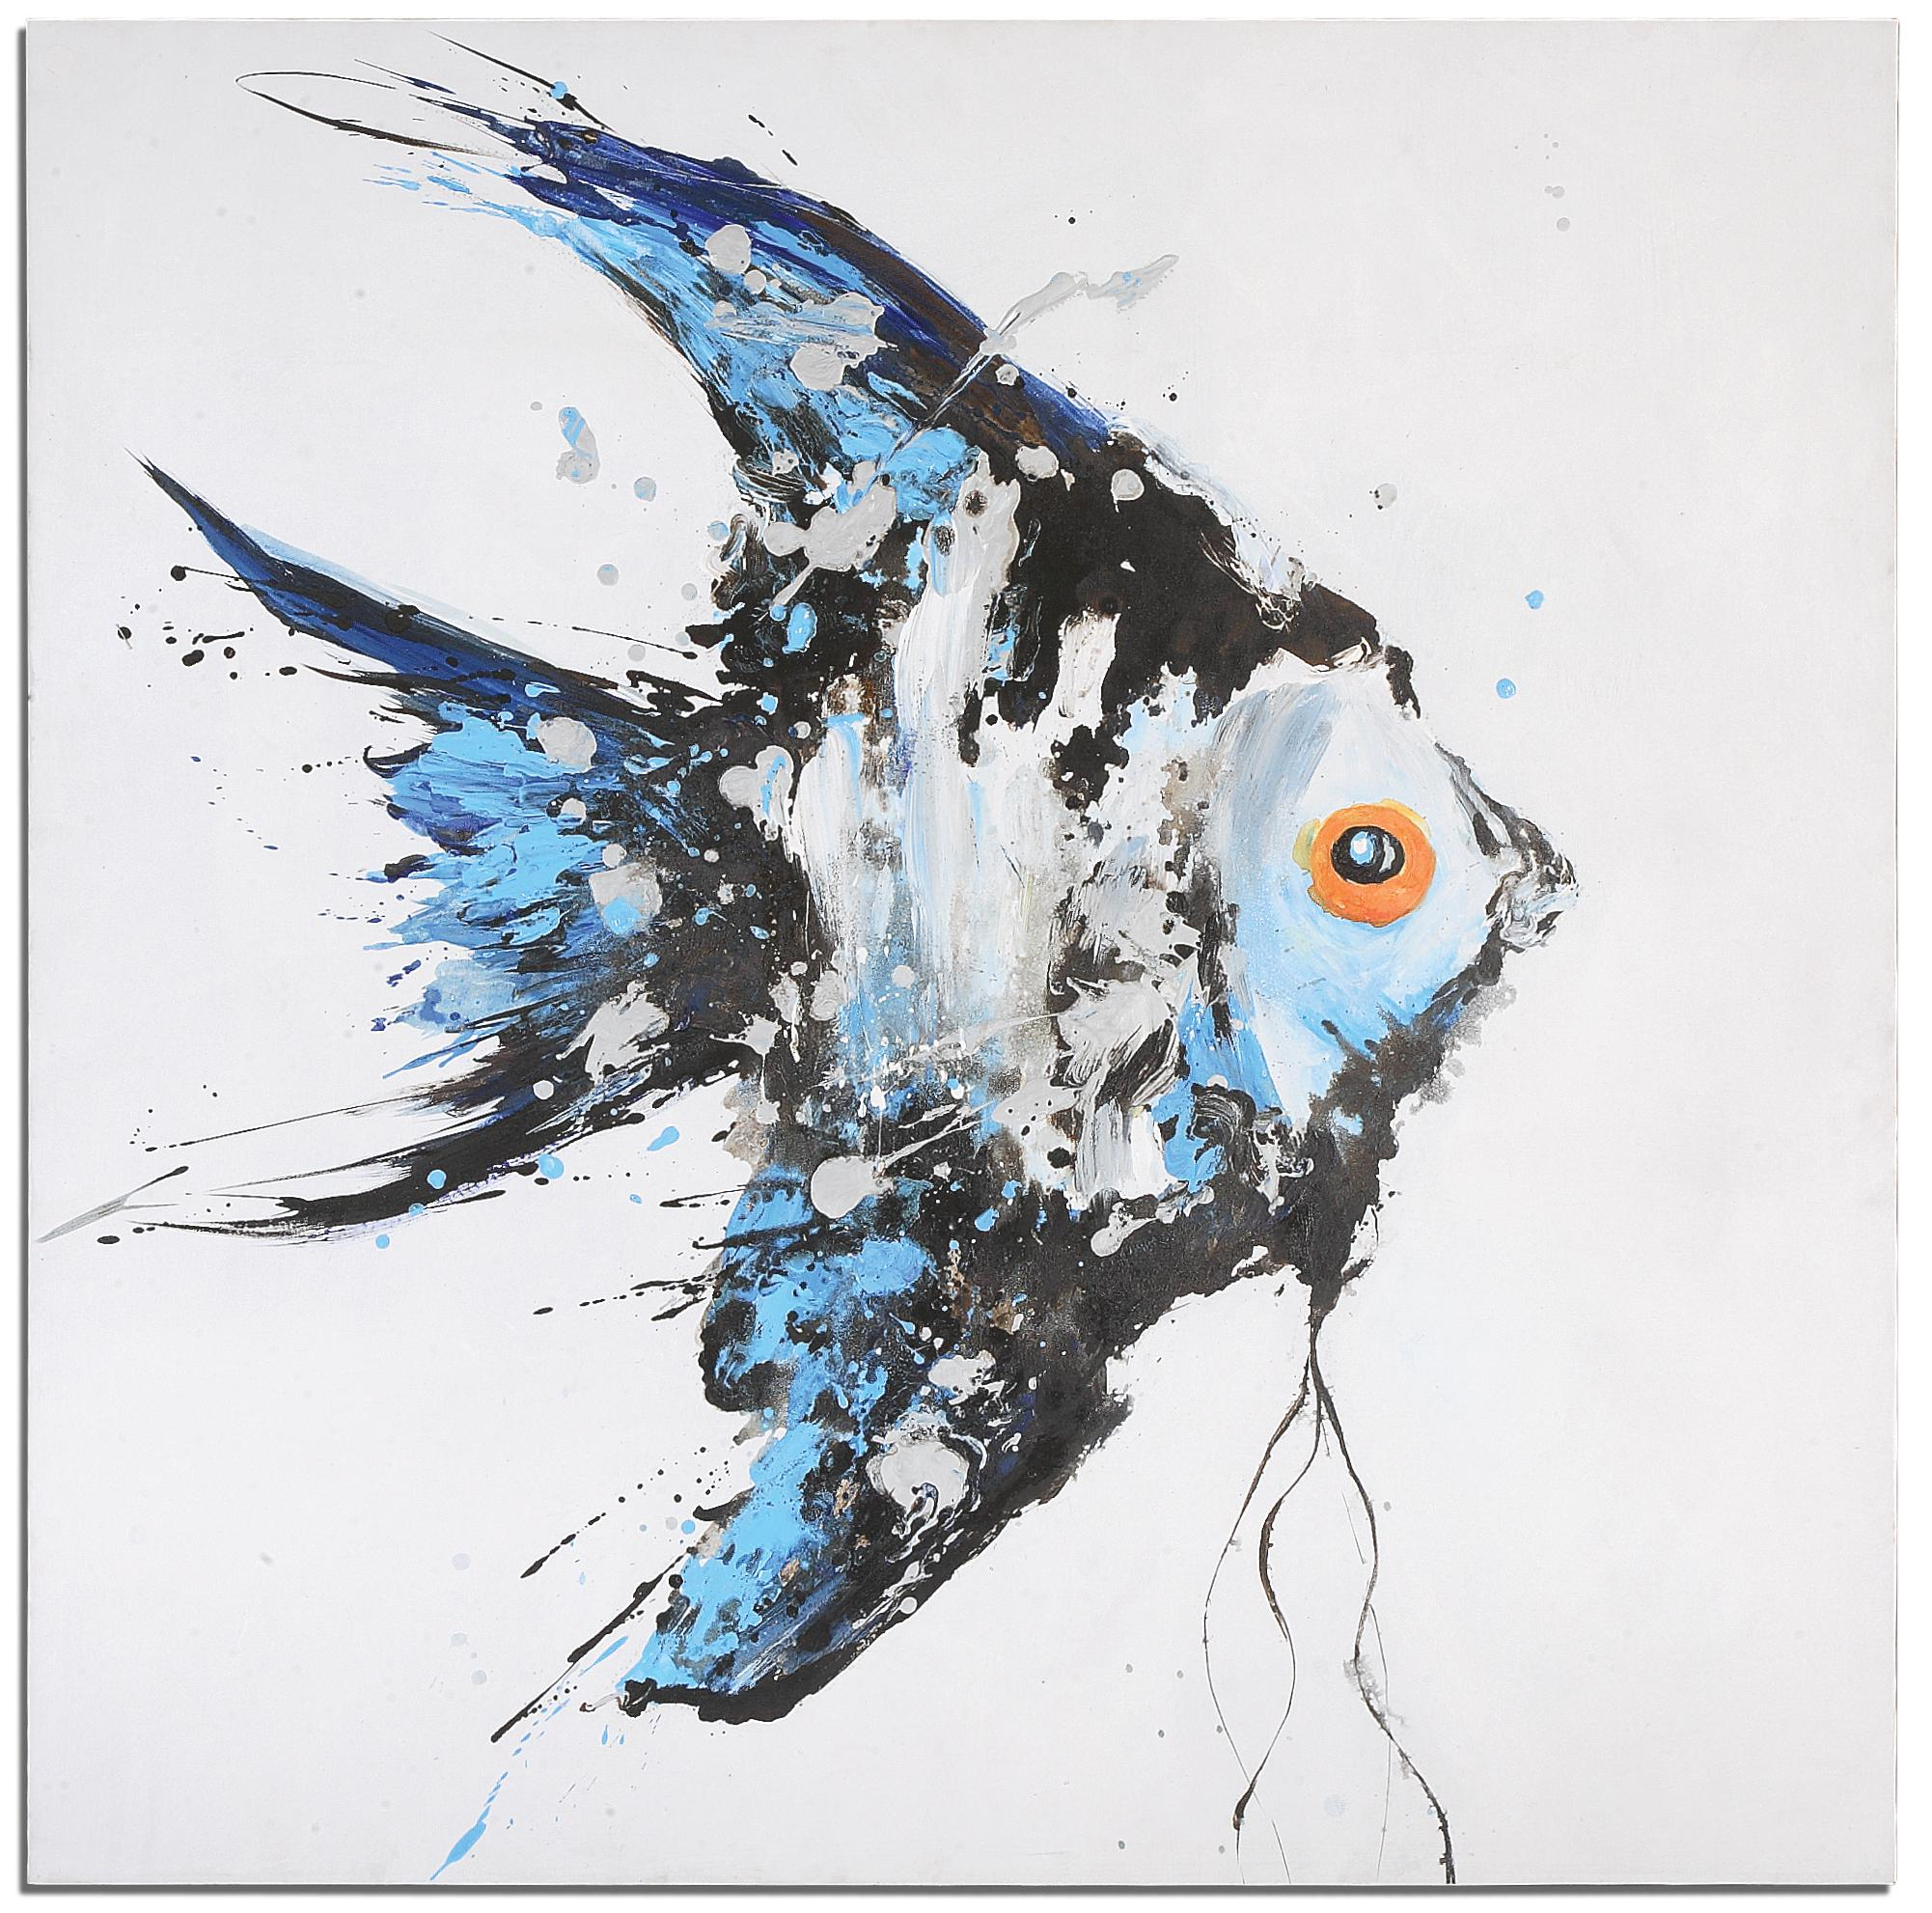 Uttermost Art Blue Angel - Item Number: 32243